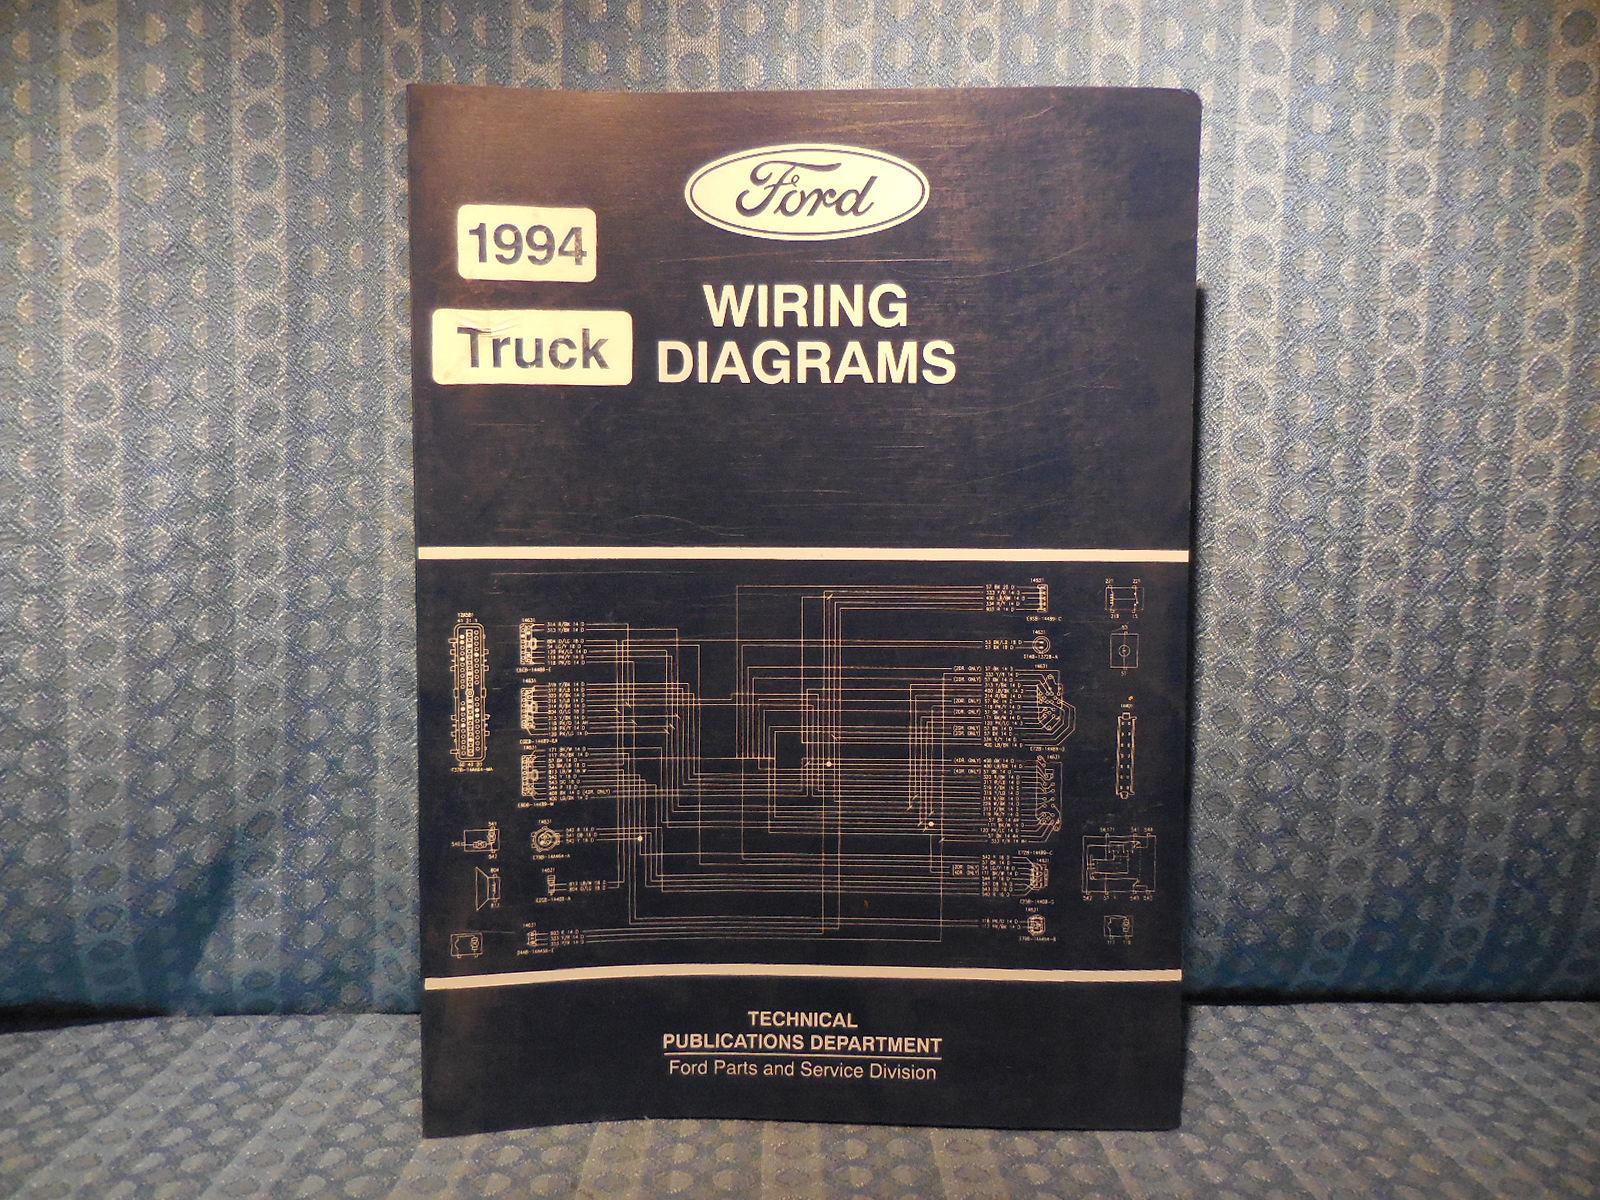 Ford F600 Starter Wiring Diagram Detailed Schematics 2003 7 3 Diesel 1994 Truck Oem Diagrams 800 Ranger Econoline L Toyota Sequoia